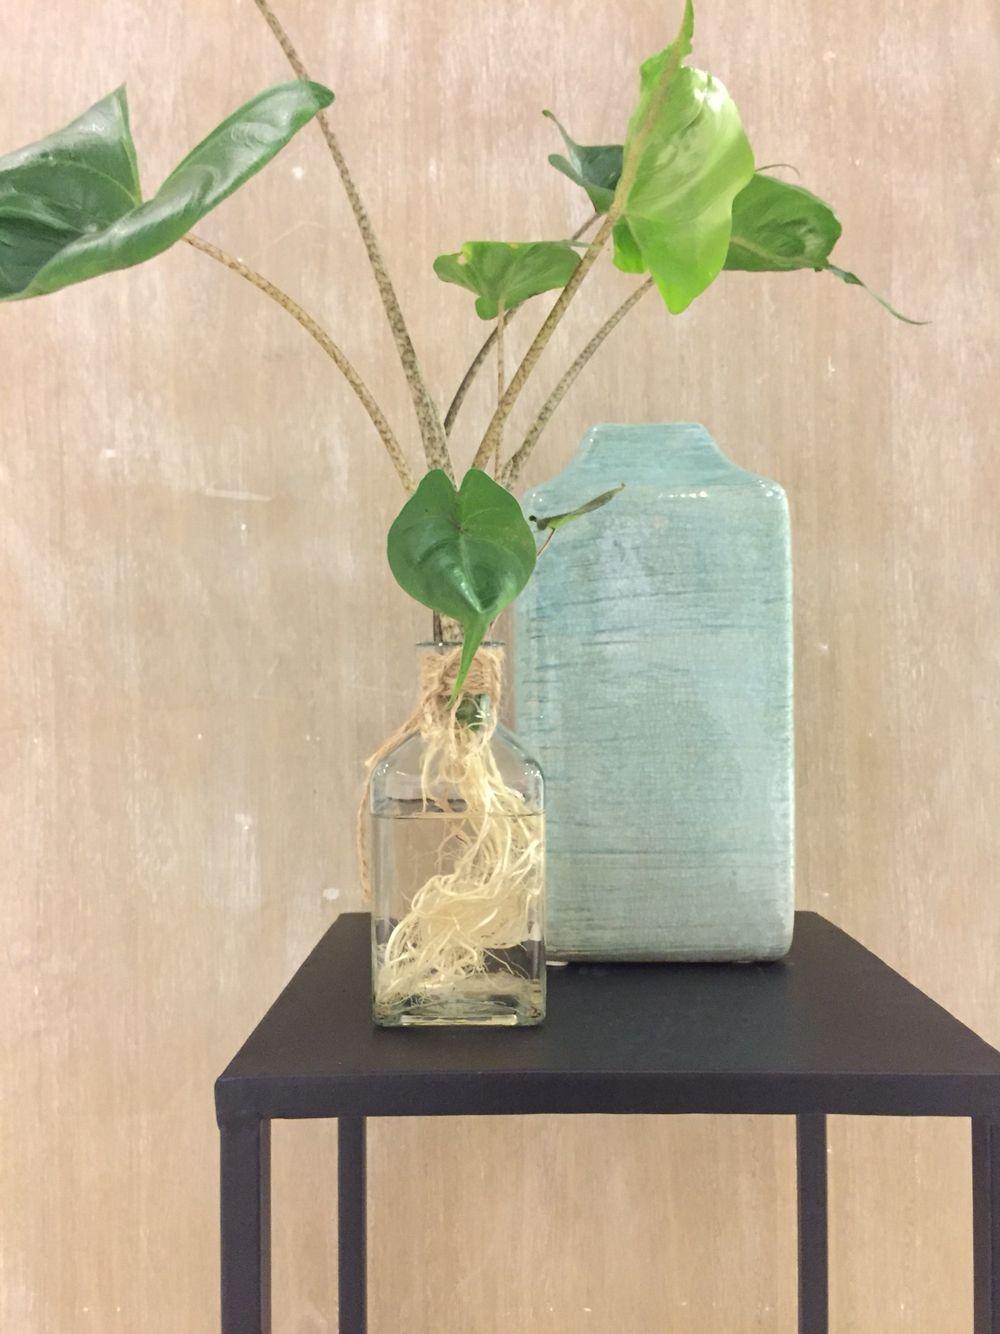 Nieuw! Deze alocasia stingray is zo gekweekt dat het geen grond nodig heeft maar gewoon met zijn wortels in het water staat. Super leuk, nu is het prachtige wortel gestel zichtbaar. Nu in verkrijgbaar in de winkel!